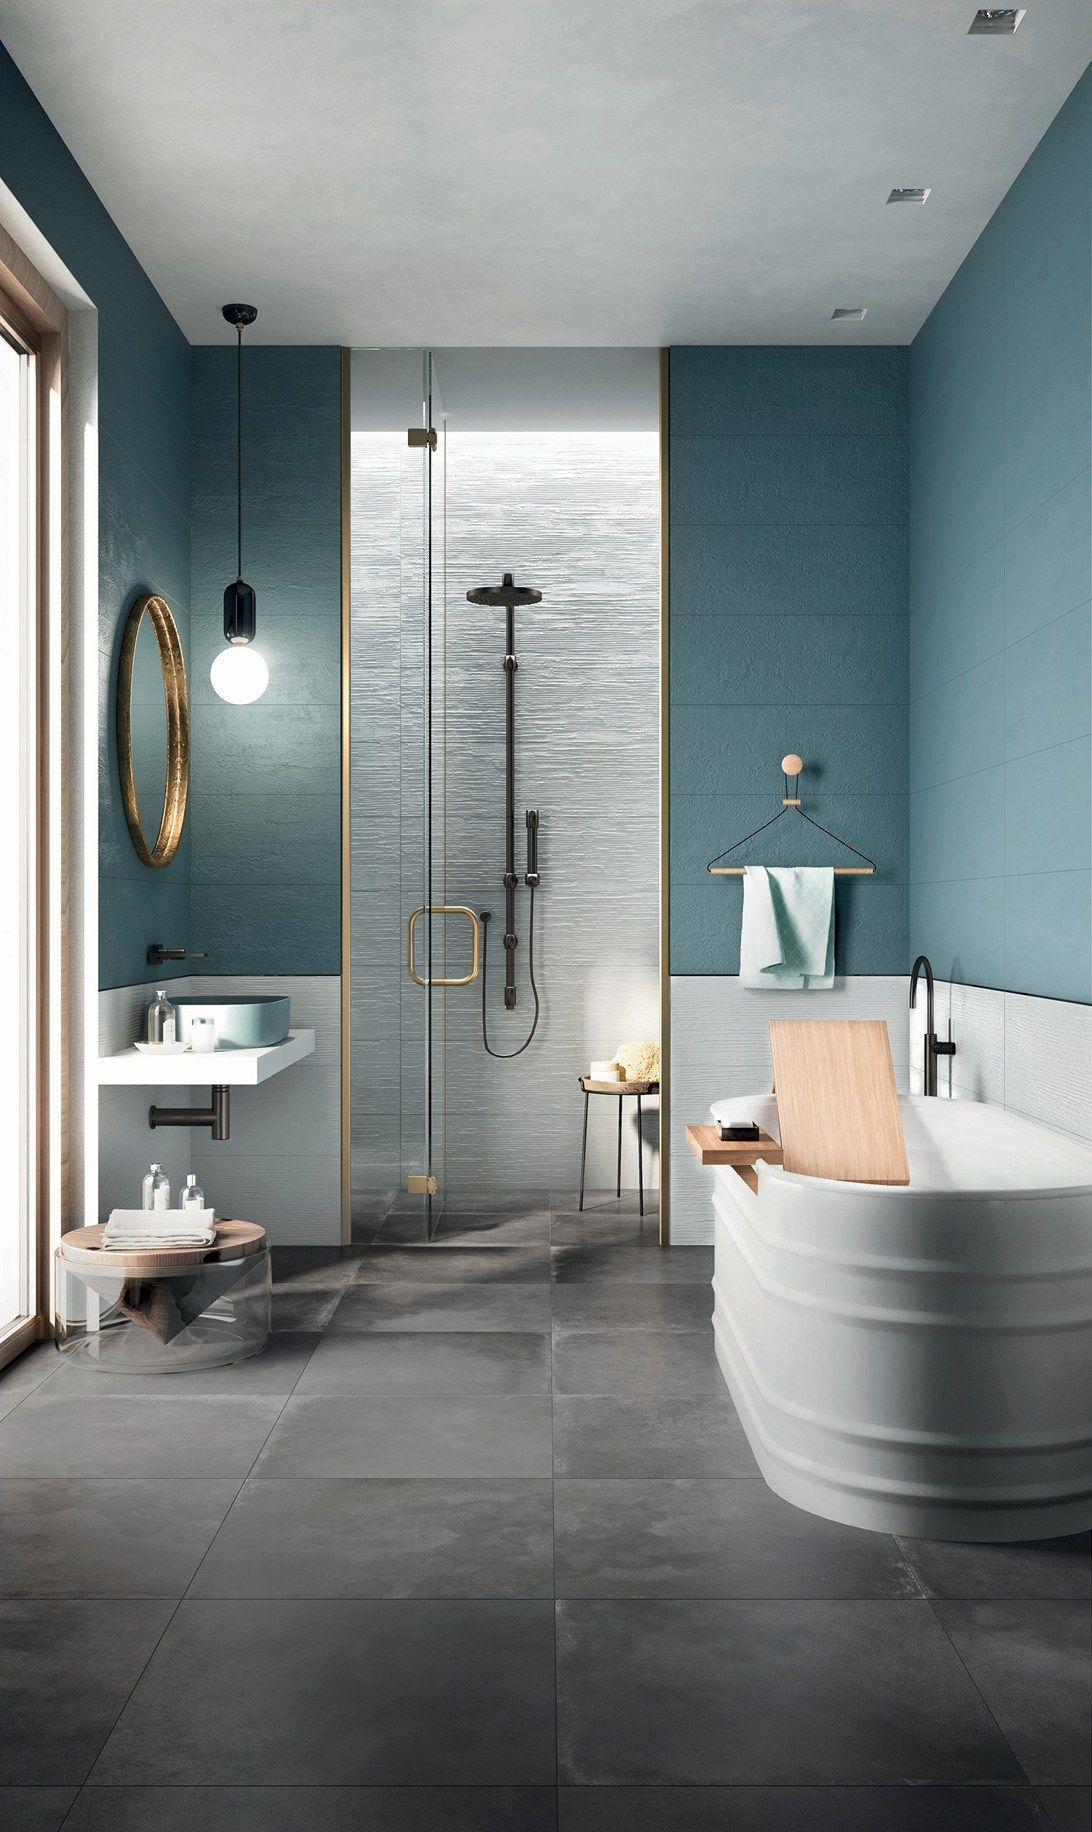 Blau Ideen Modern Metrofliesen Badewanne Gold Trendfarbe Badezimmer Grau Einrichten Ideen Wohntr Kleines Badezimmer Umgestalten Badezimmerfarbe Badezimmer